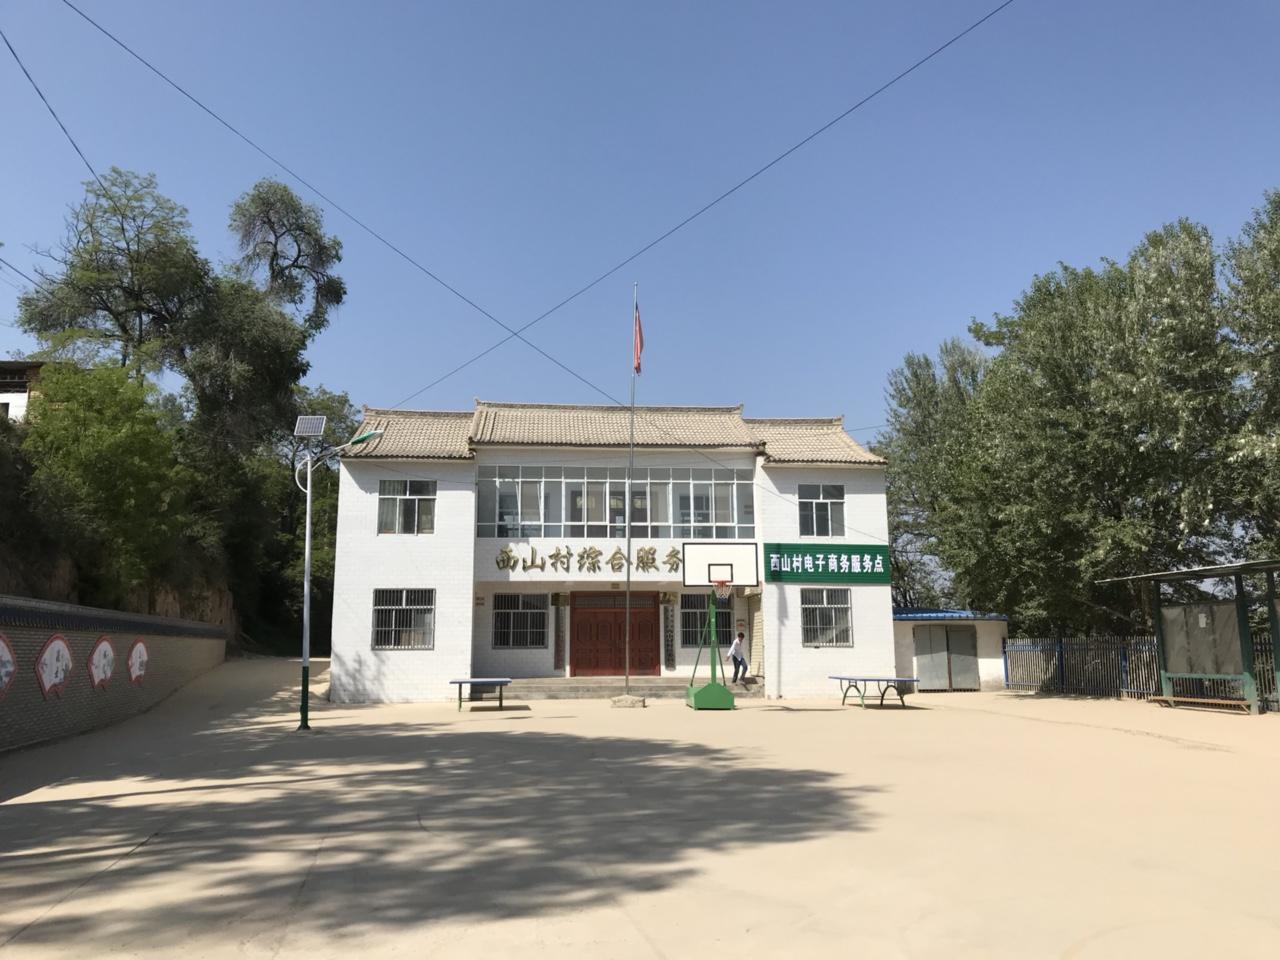 【文化惠民】马关镇西山村综合文化服务中心风�